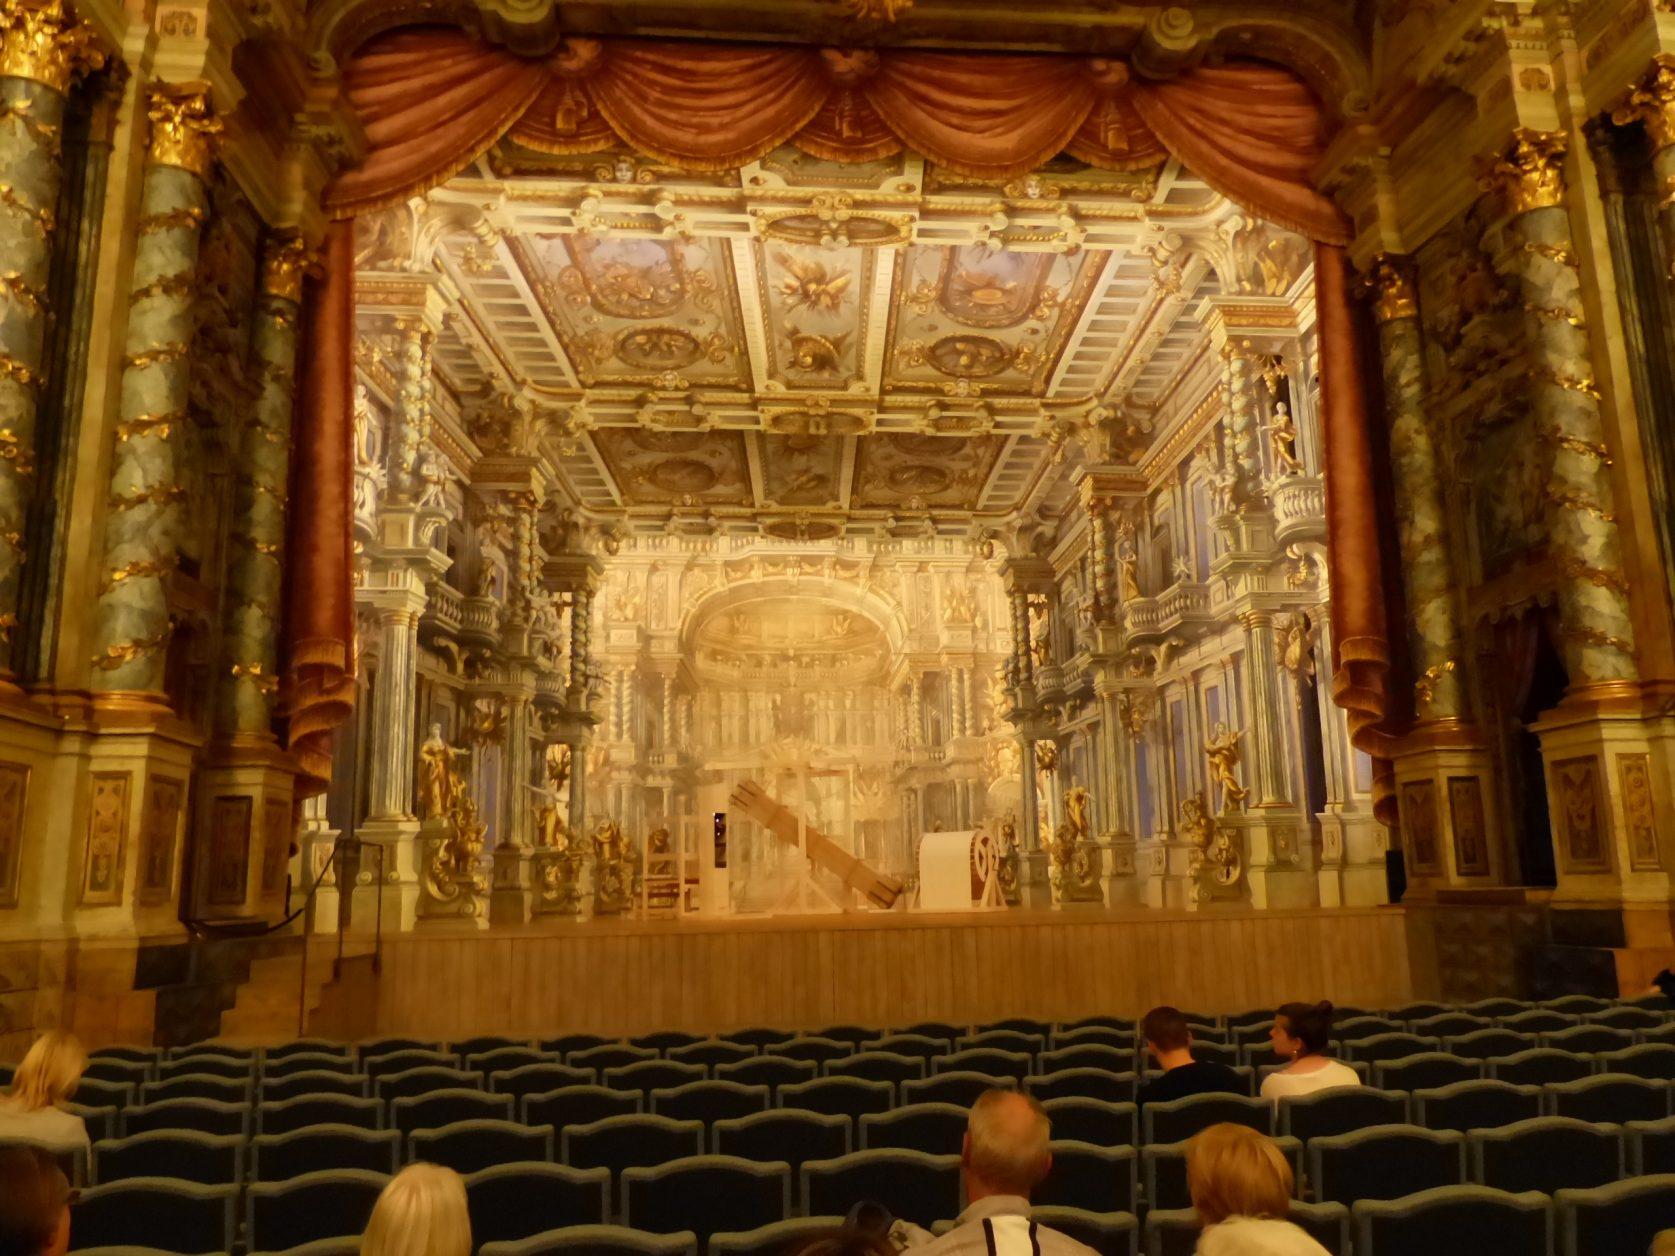 Blick zur Bühne des Markgräfliches Opernhaus Bayreuth mit neu rekonstruiertem Bühnenbild Foto: K.Weirauch